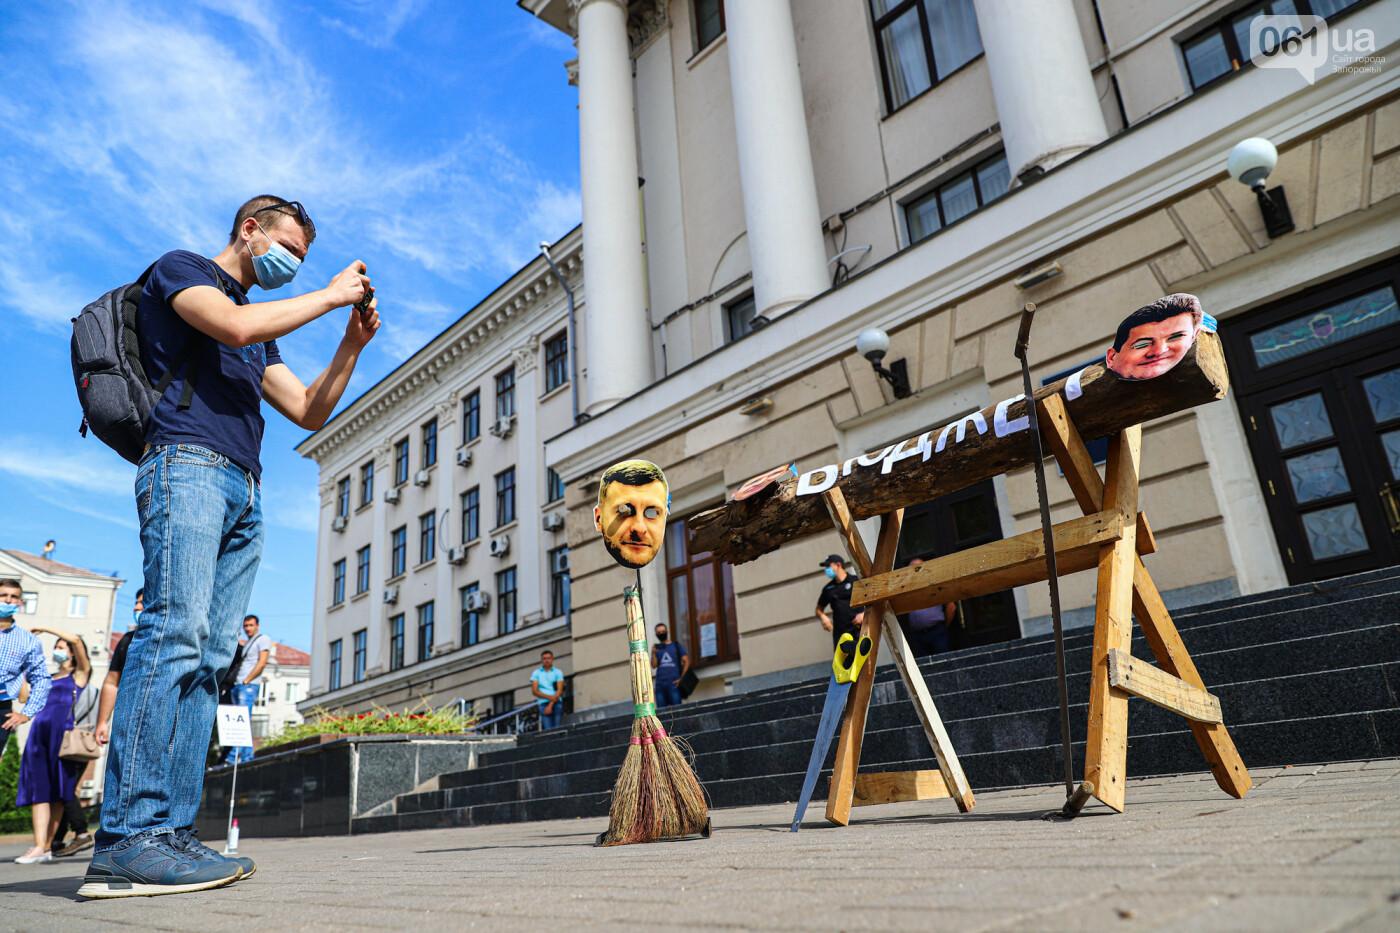 С пилами и в масках: в Запорожье возле мэрии активисты показали, как распиливают городской бюджет, - ФОТОРЕПОРТАЖ, фото-6